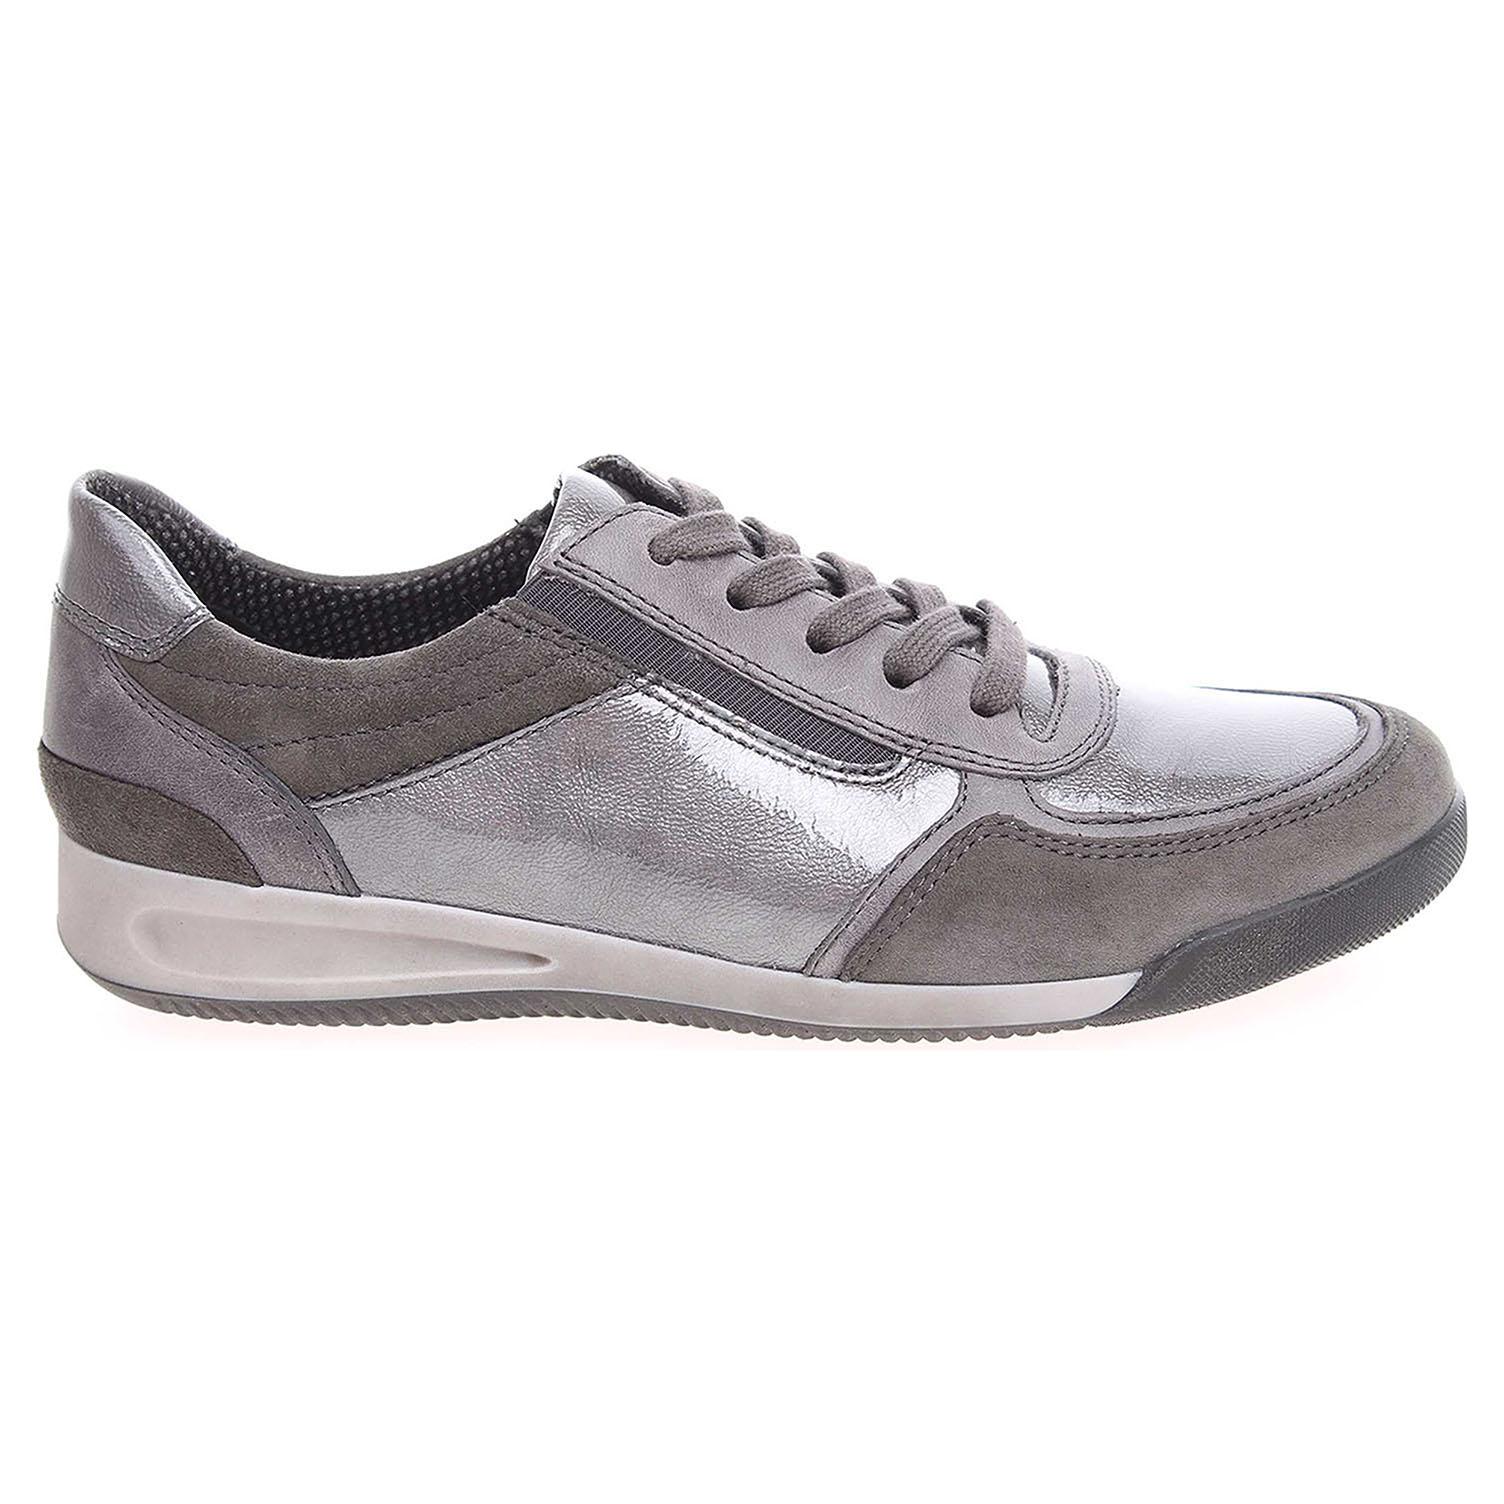 Ecco Ara dámské vycházkové 44460-07 šedé 23200479